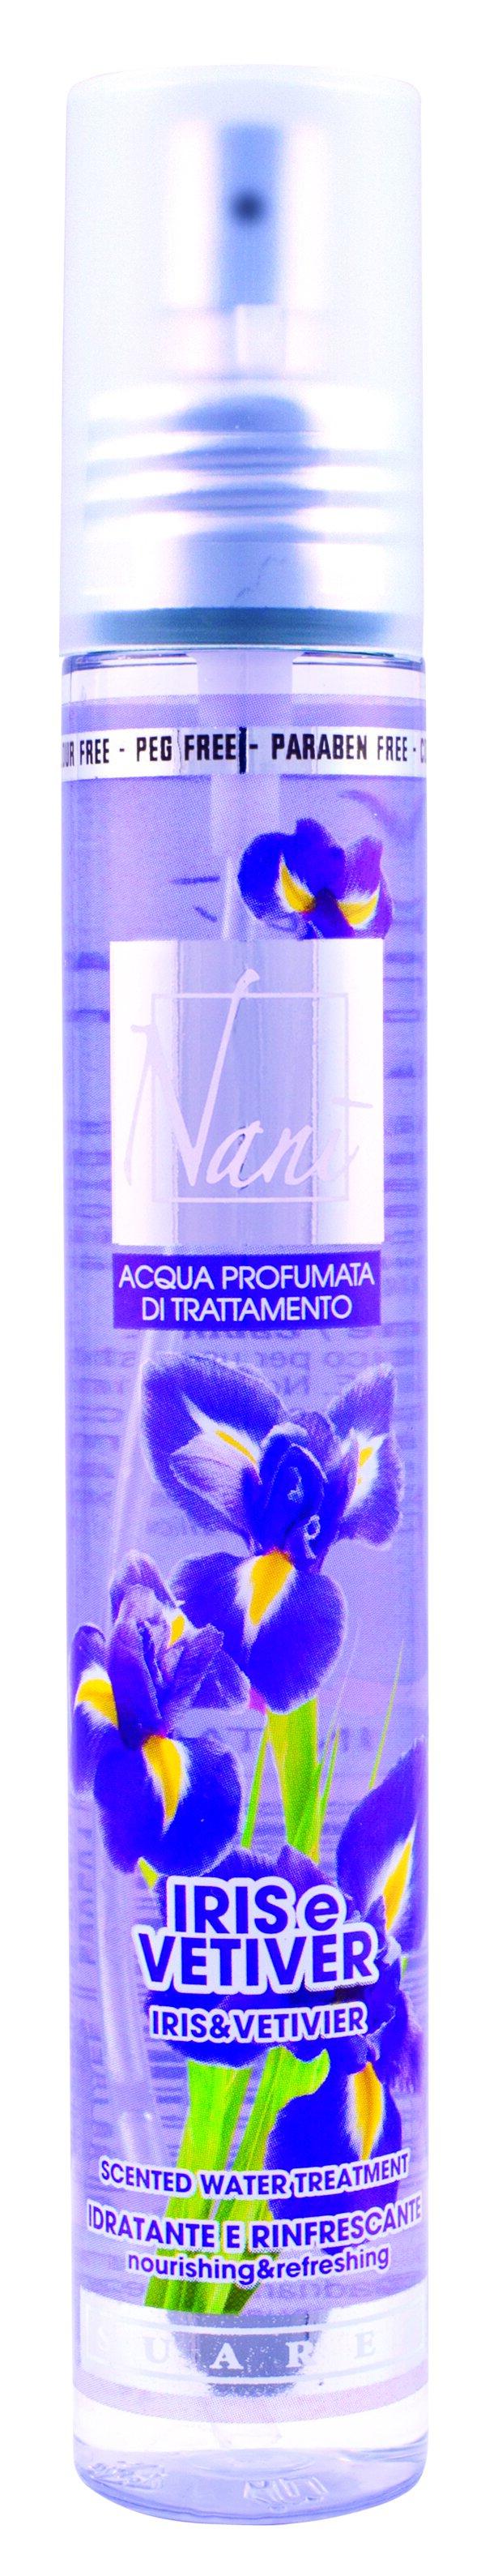 Parfémová voda Nani s přírodní aloe – Kosatec